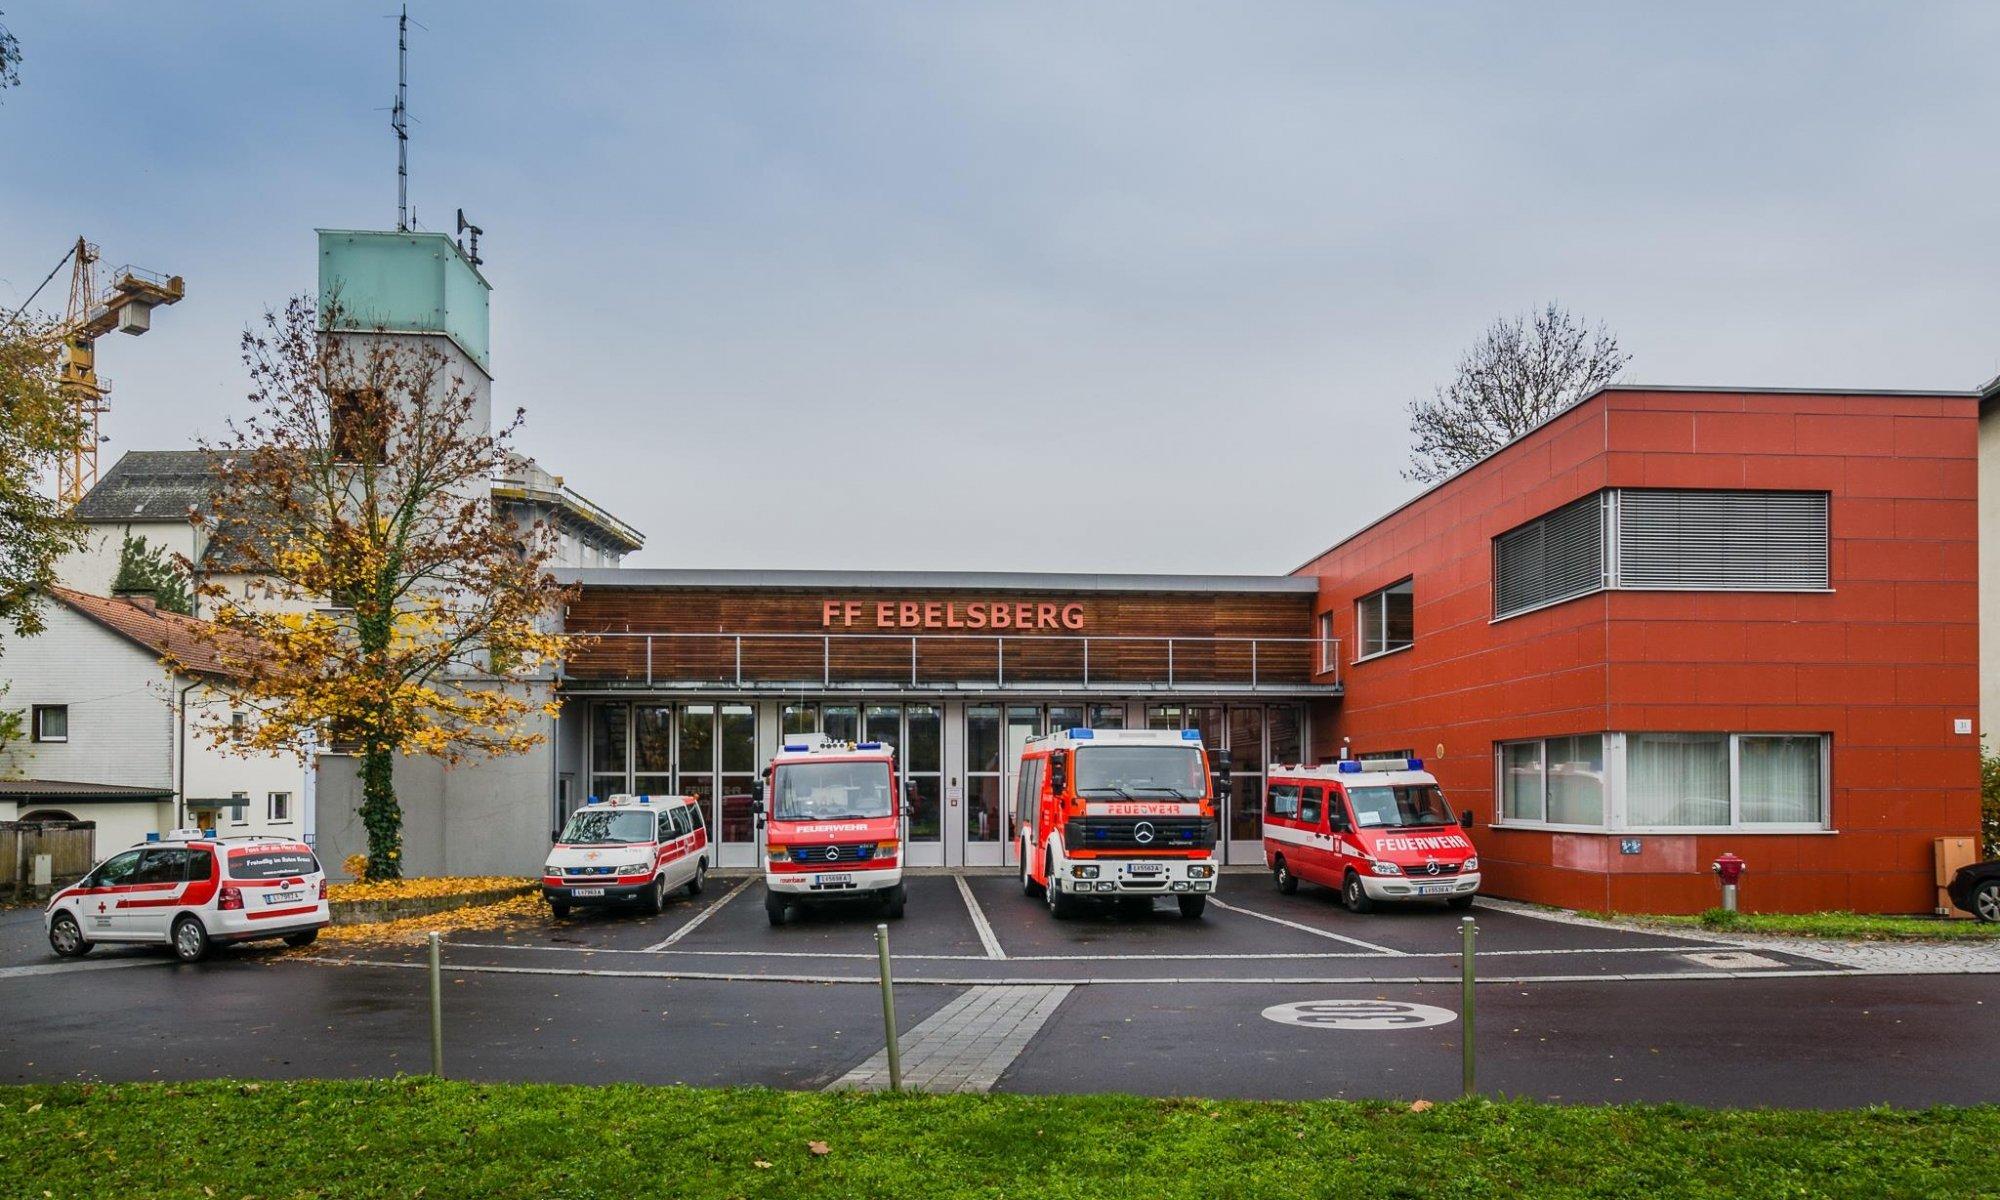 Feuerwehr Ebelsberg